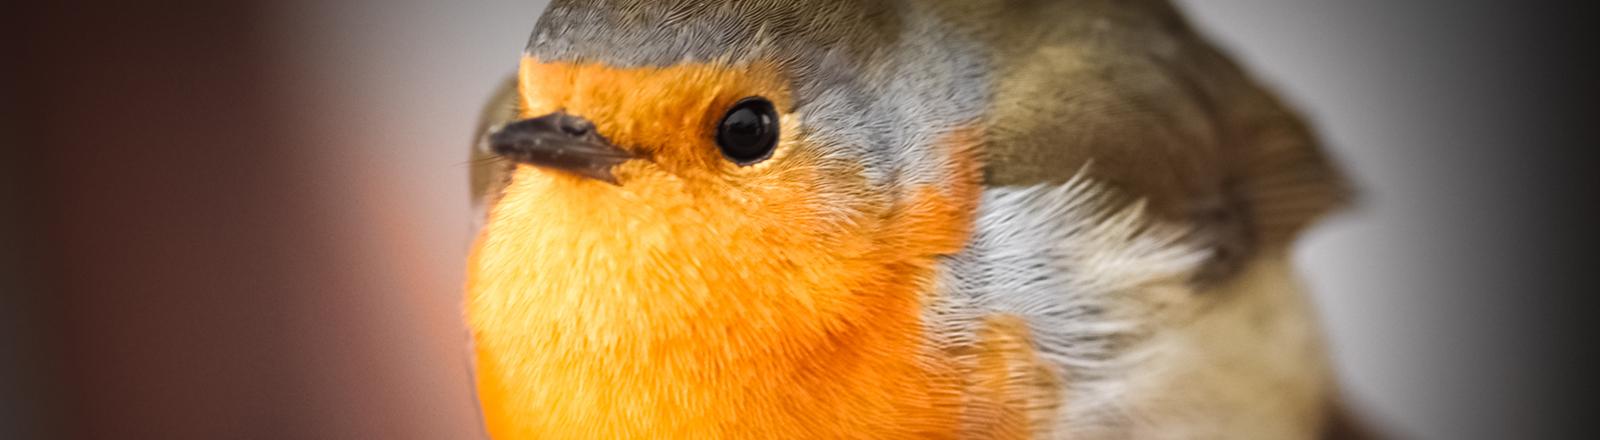 Ein Rotkehlchen sitzt auf einem Ast und lässt keine Gefühlsregung erkennen.